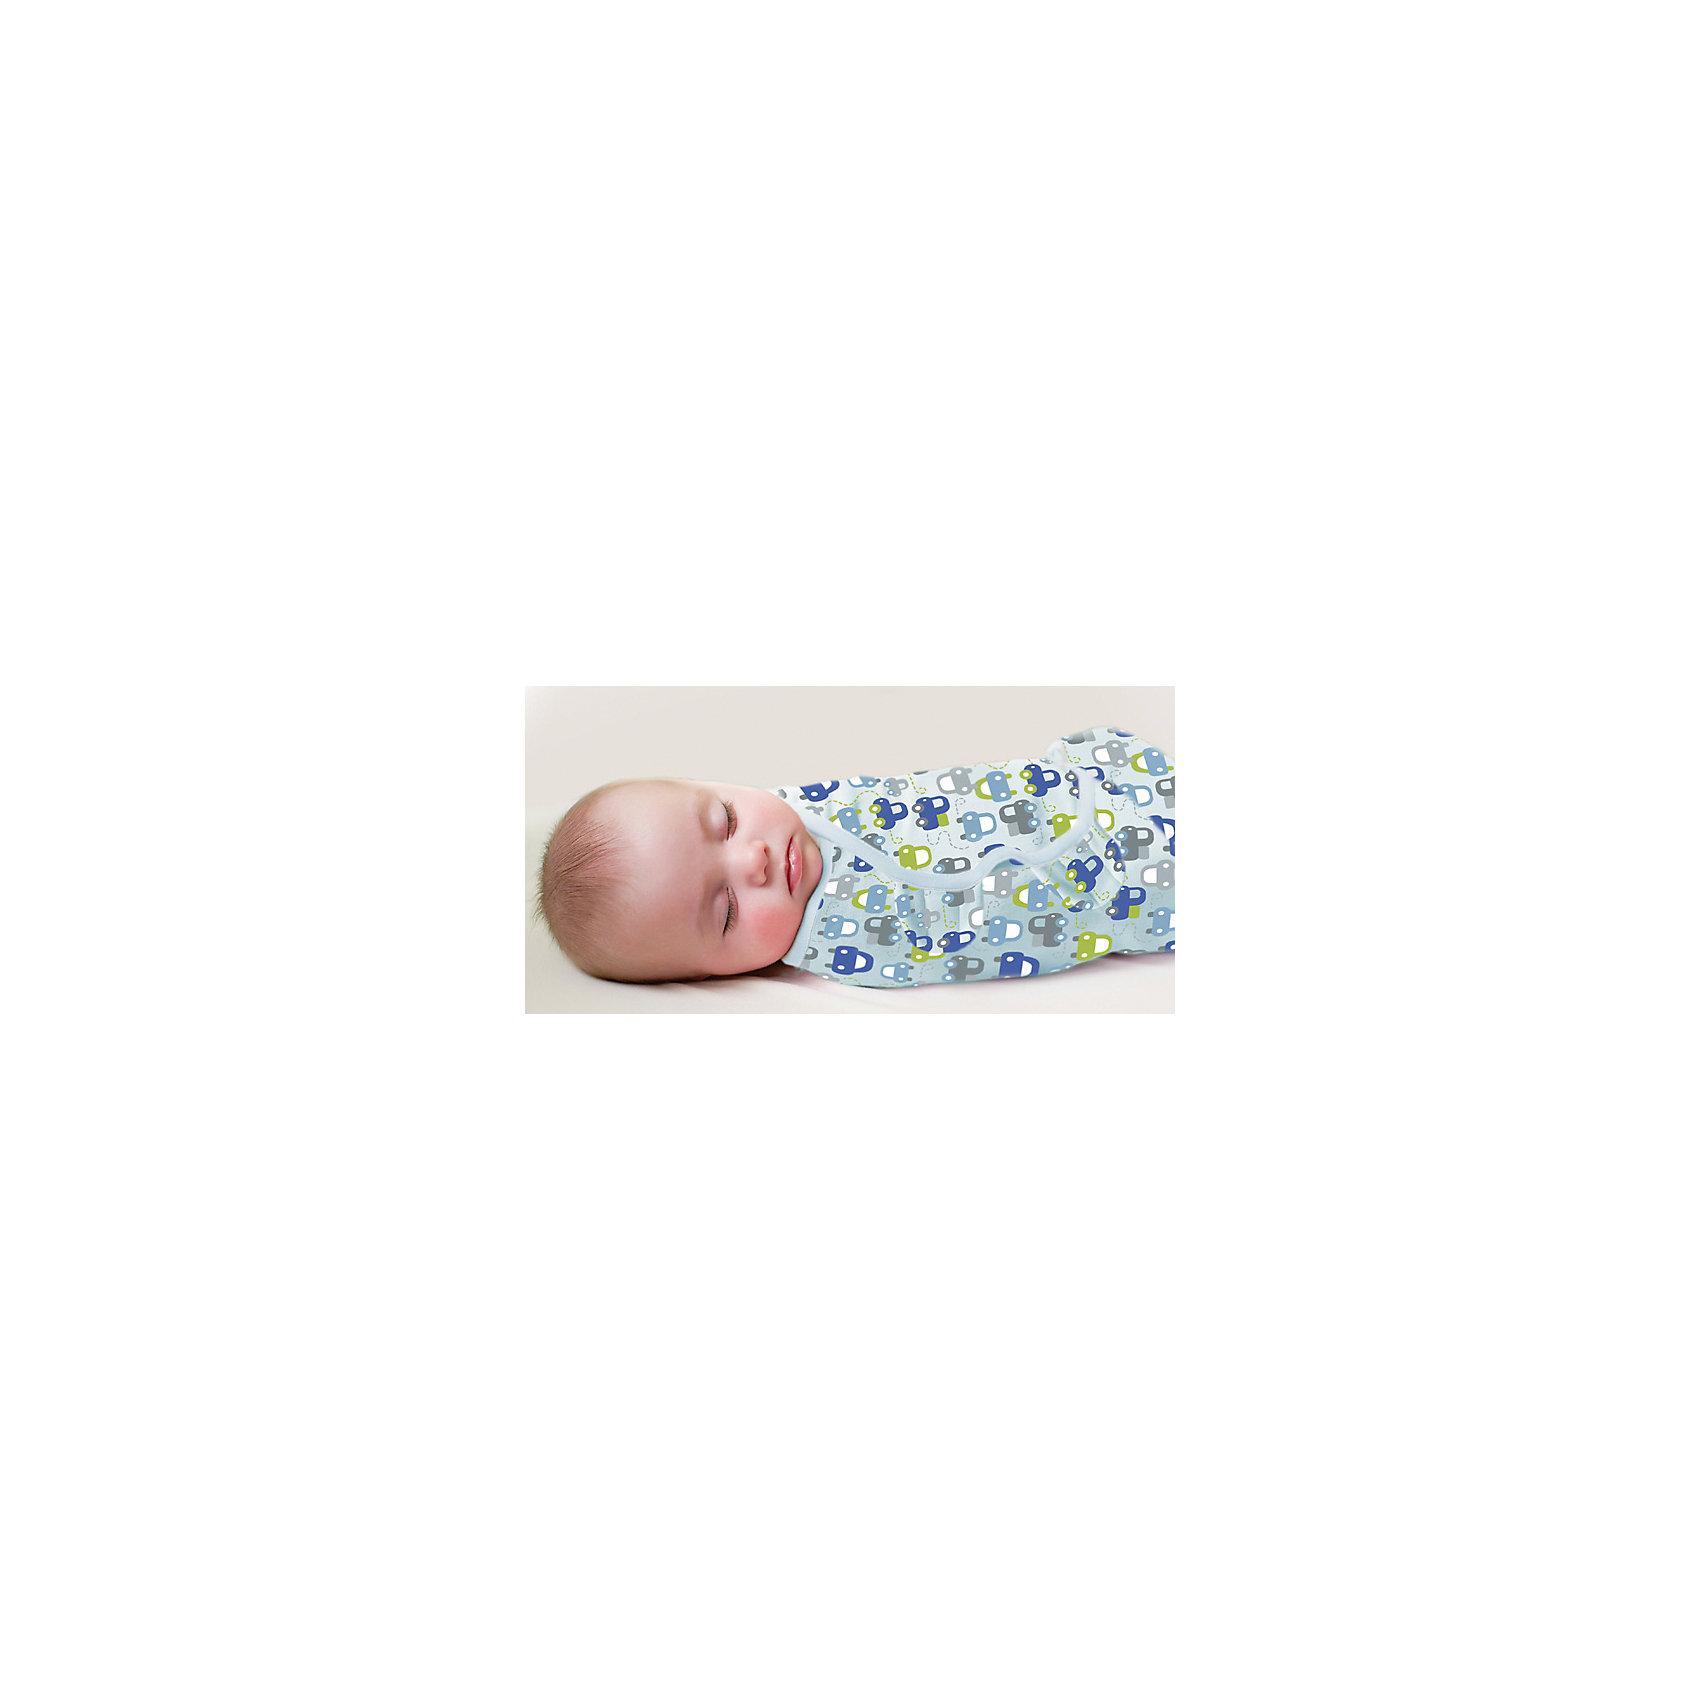 Конверт для пеленания на липучке, SWADDLEME®, р-р L, 3 шт., машинкиПеленание успокаивает новорожденных путем воссоздания знакомых ему чувств, как в утробе мамы.<br>Мягко облегая, конверт не ограничивает движение ребенка, и в тоже время помогает снизить рефлекс внезапного вздрагивания, благодаря этому сон малыша и родителей будет более крепким.<br>Регулируемые крылья для закрытия конверта сделаны таким образом, что даже самый активный ребенок не сможет распеленаться во время сна.<br>Объятия крыльев регулируются по мере роста ребенка.<br>Конверт можно открыть в области ног малыша для легкой смены подгузников - нет необходимости разворачивать детские ручки.<br>Состав: хлопок и нити эластана <br>Длина конверта:  60 см<br>Подходит для малышей среднего размера от 6 до 10 кг  (размер L)<br><br>Ширина мм: 220<br>Глубина мм: 220<br>Высота мм: 50<br>Вес г: 540<br>Возраст от месяцев: 3<br>Возраст до месяцев: 9<br>Пол: Мужской<br>Возраст: Детский<br>SKU: 4331821